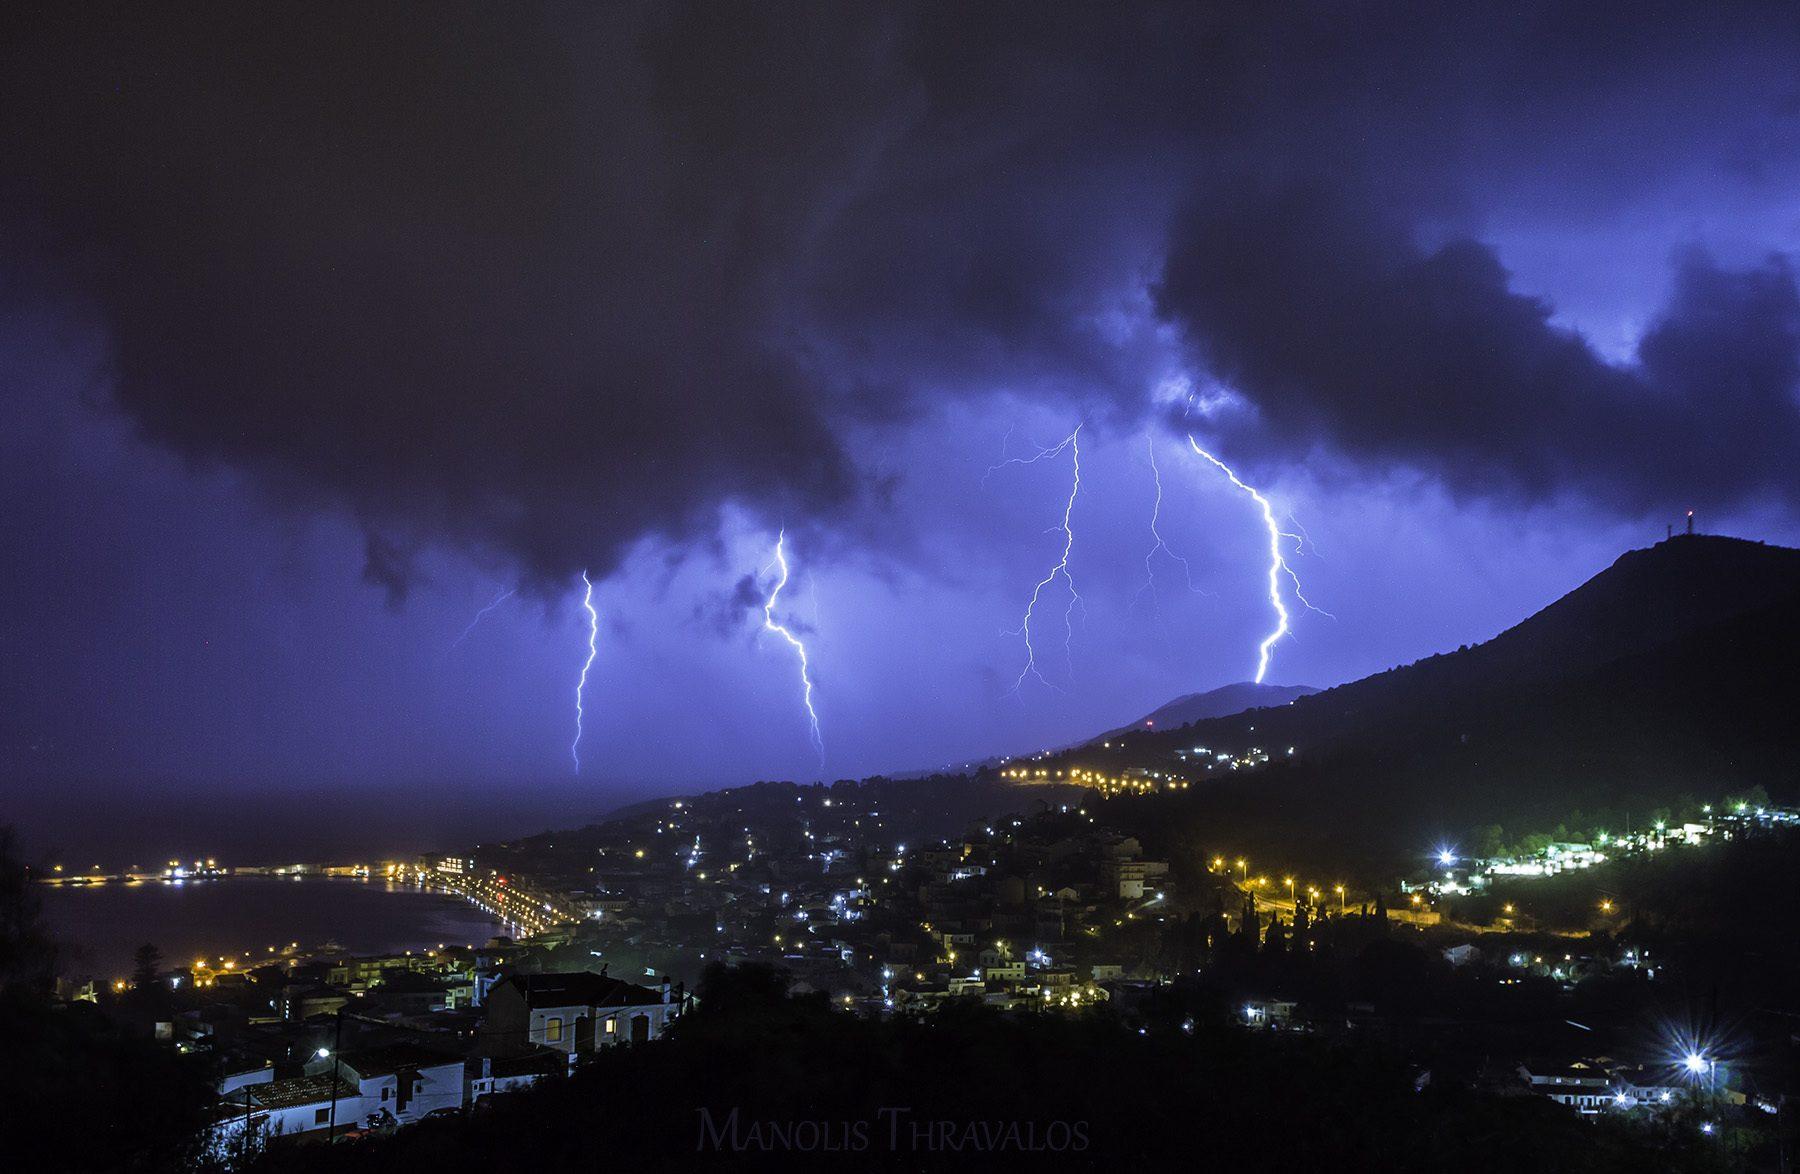 Άγρια η συγκεκριμένη καταιγίδα σε απόσταση αναπνοής από την πόλη